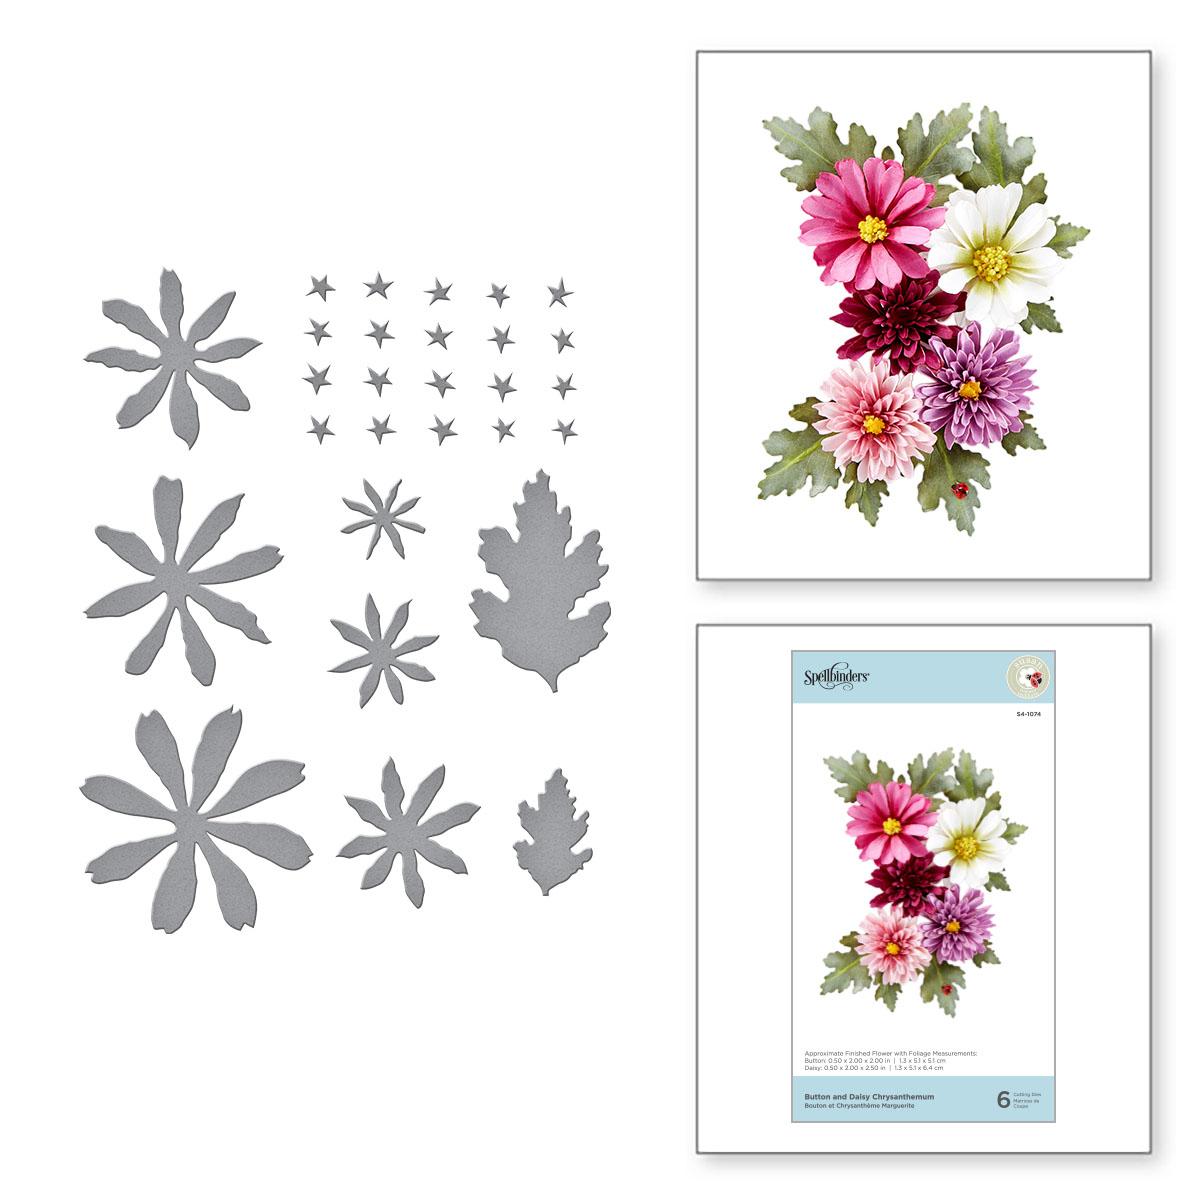 Die, Susan's Autumn Flora - Button & Daisy Chrysanthemum